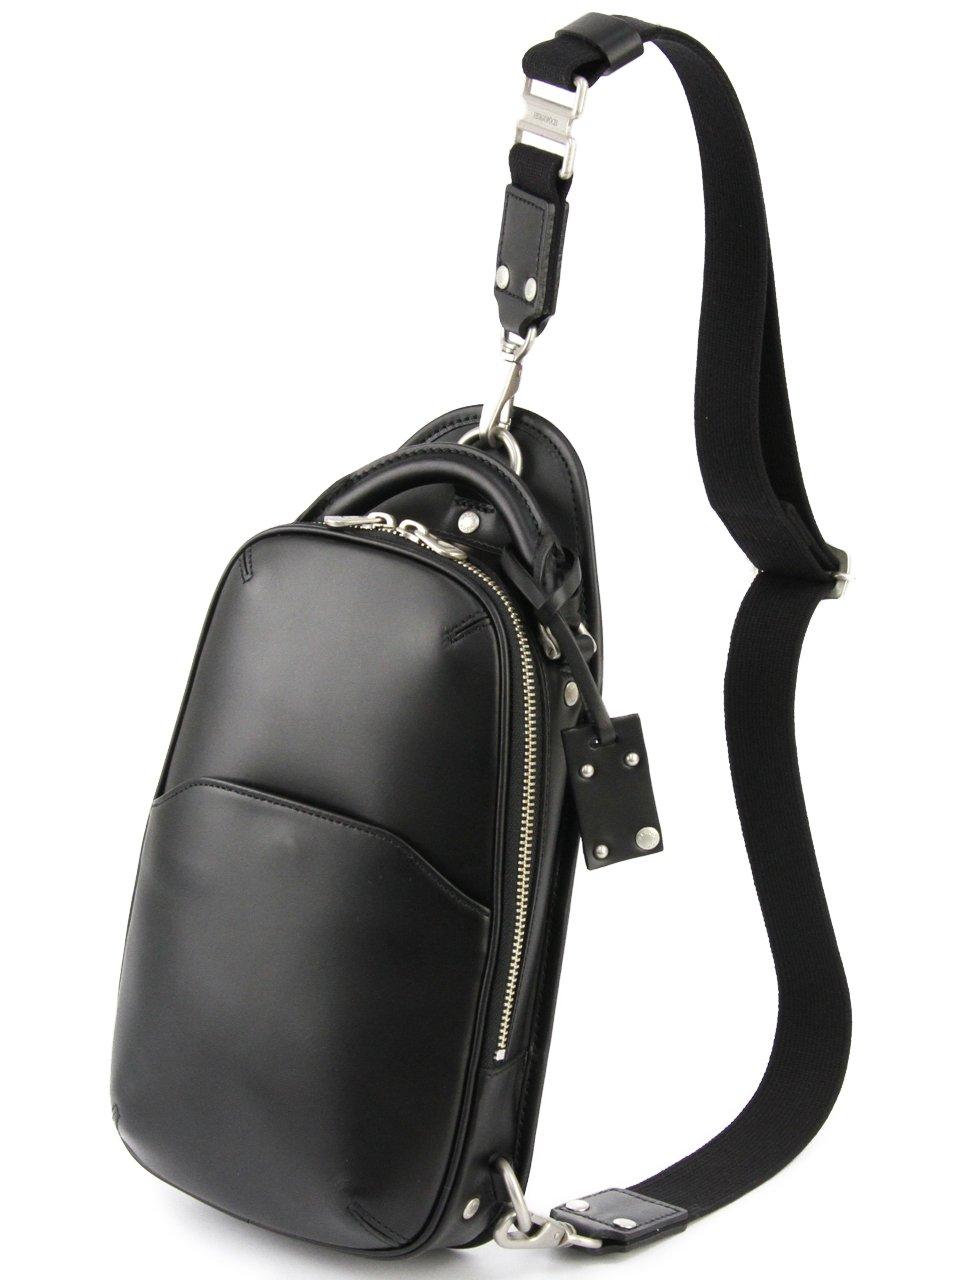 [エルゴポック] ワンショルダーバッグ 本革 06 ワキシングレザー 06-OS メンズ B00D3G0AF8 ブラック ブラック